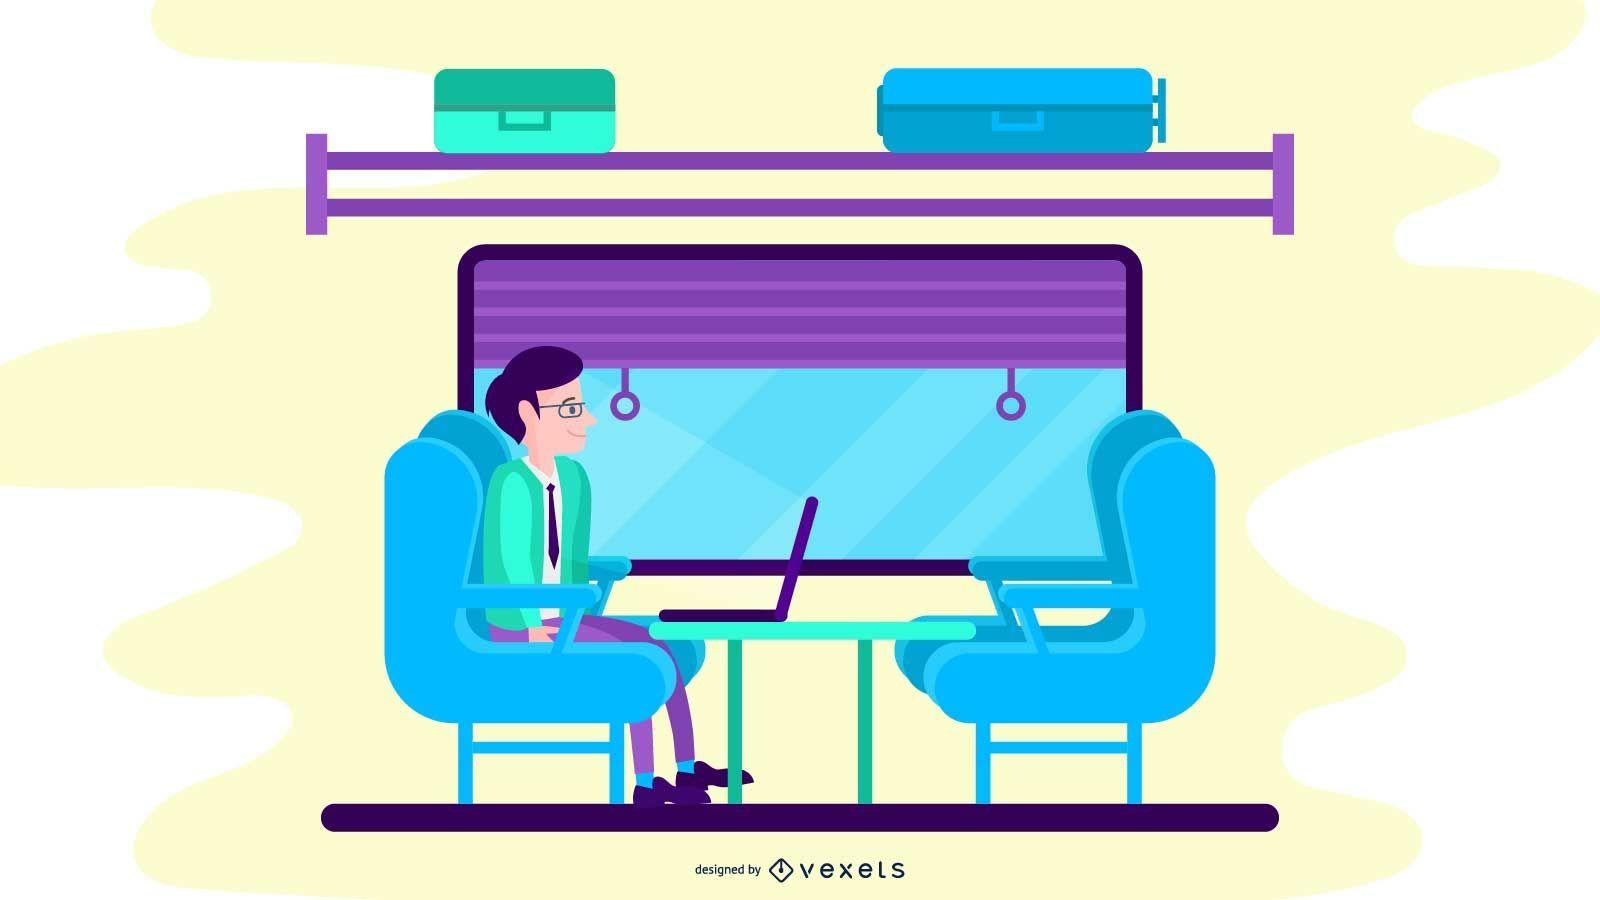 Ilustraci?n de tren de clase ejecutiva